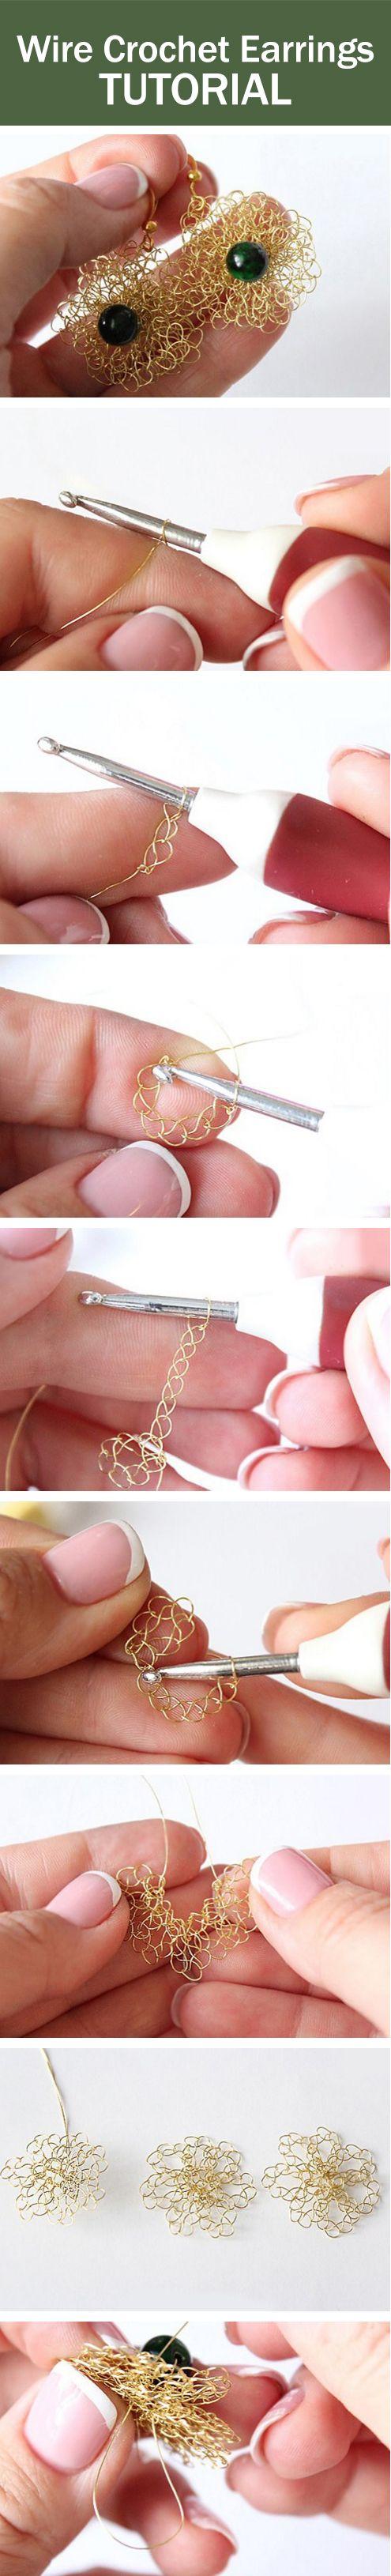 Wire crochet earrings tutorial